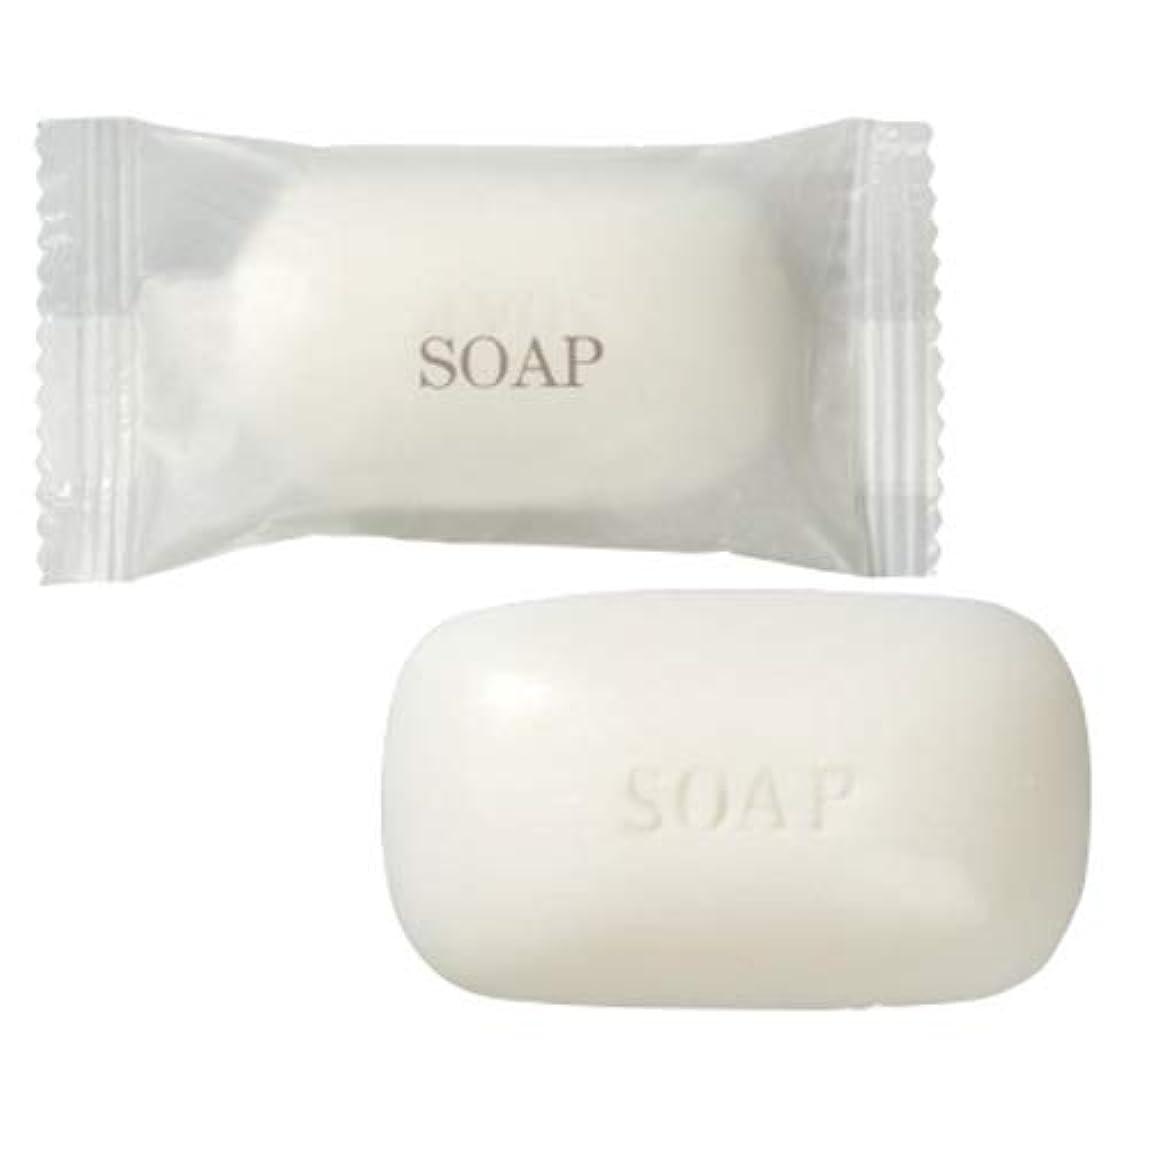 キャンペーンと組む預言者業務用 フィードソープ(FEED SOAP) マット袋(M袋) 15g ×3個 | ホテルアメニティ 個包装